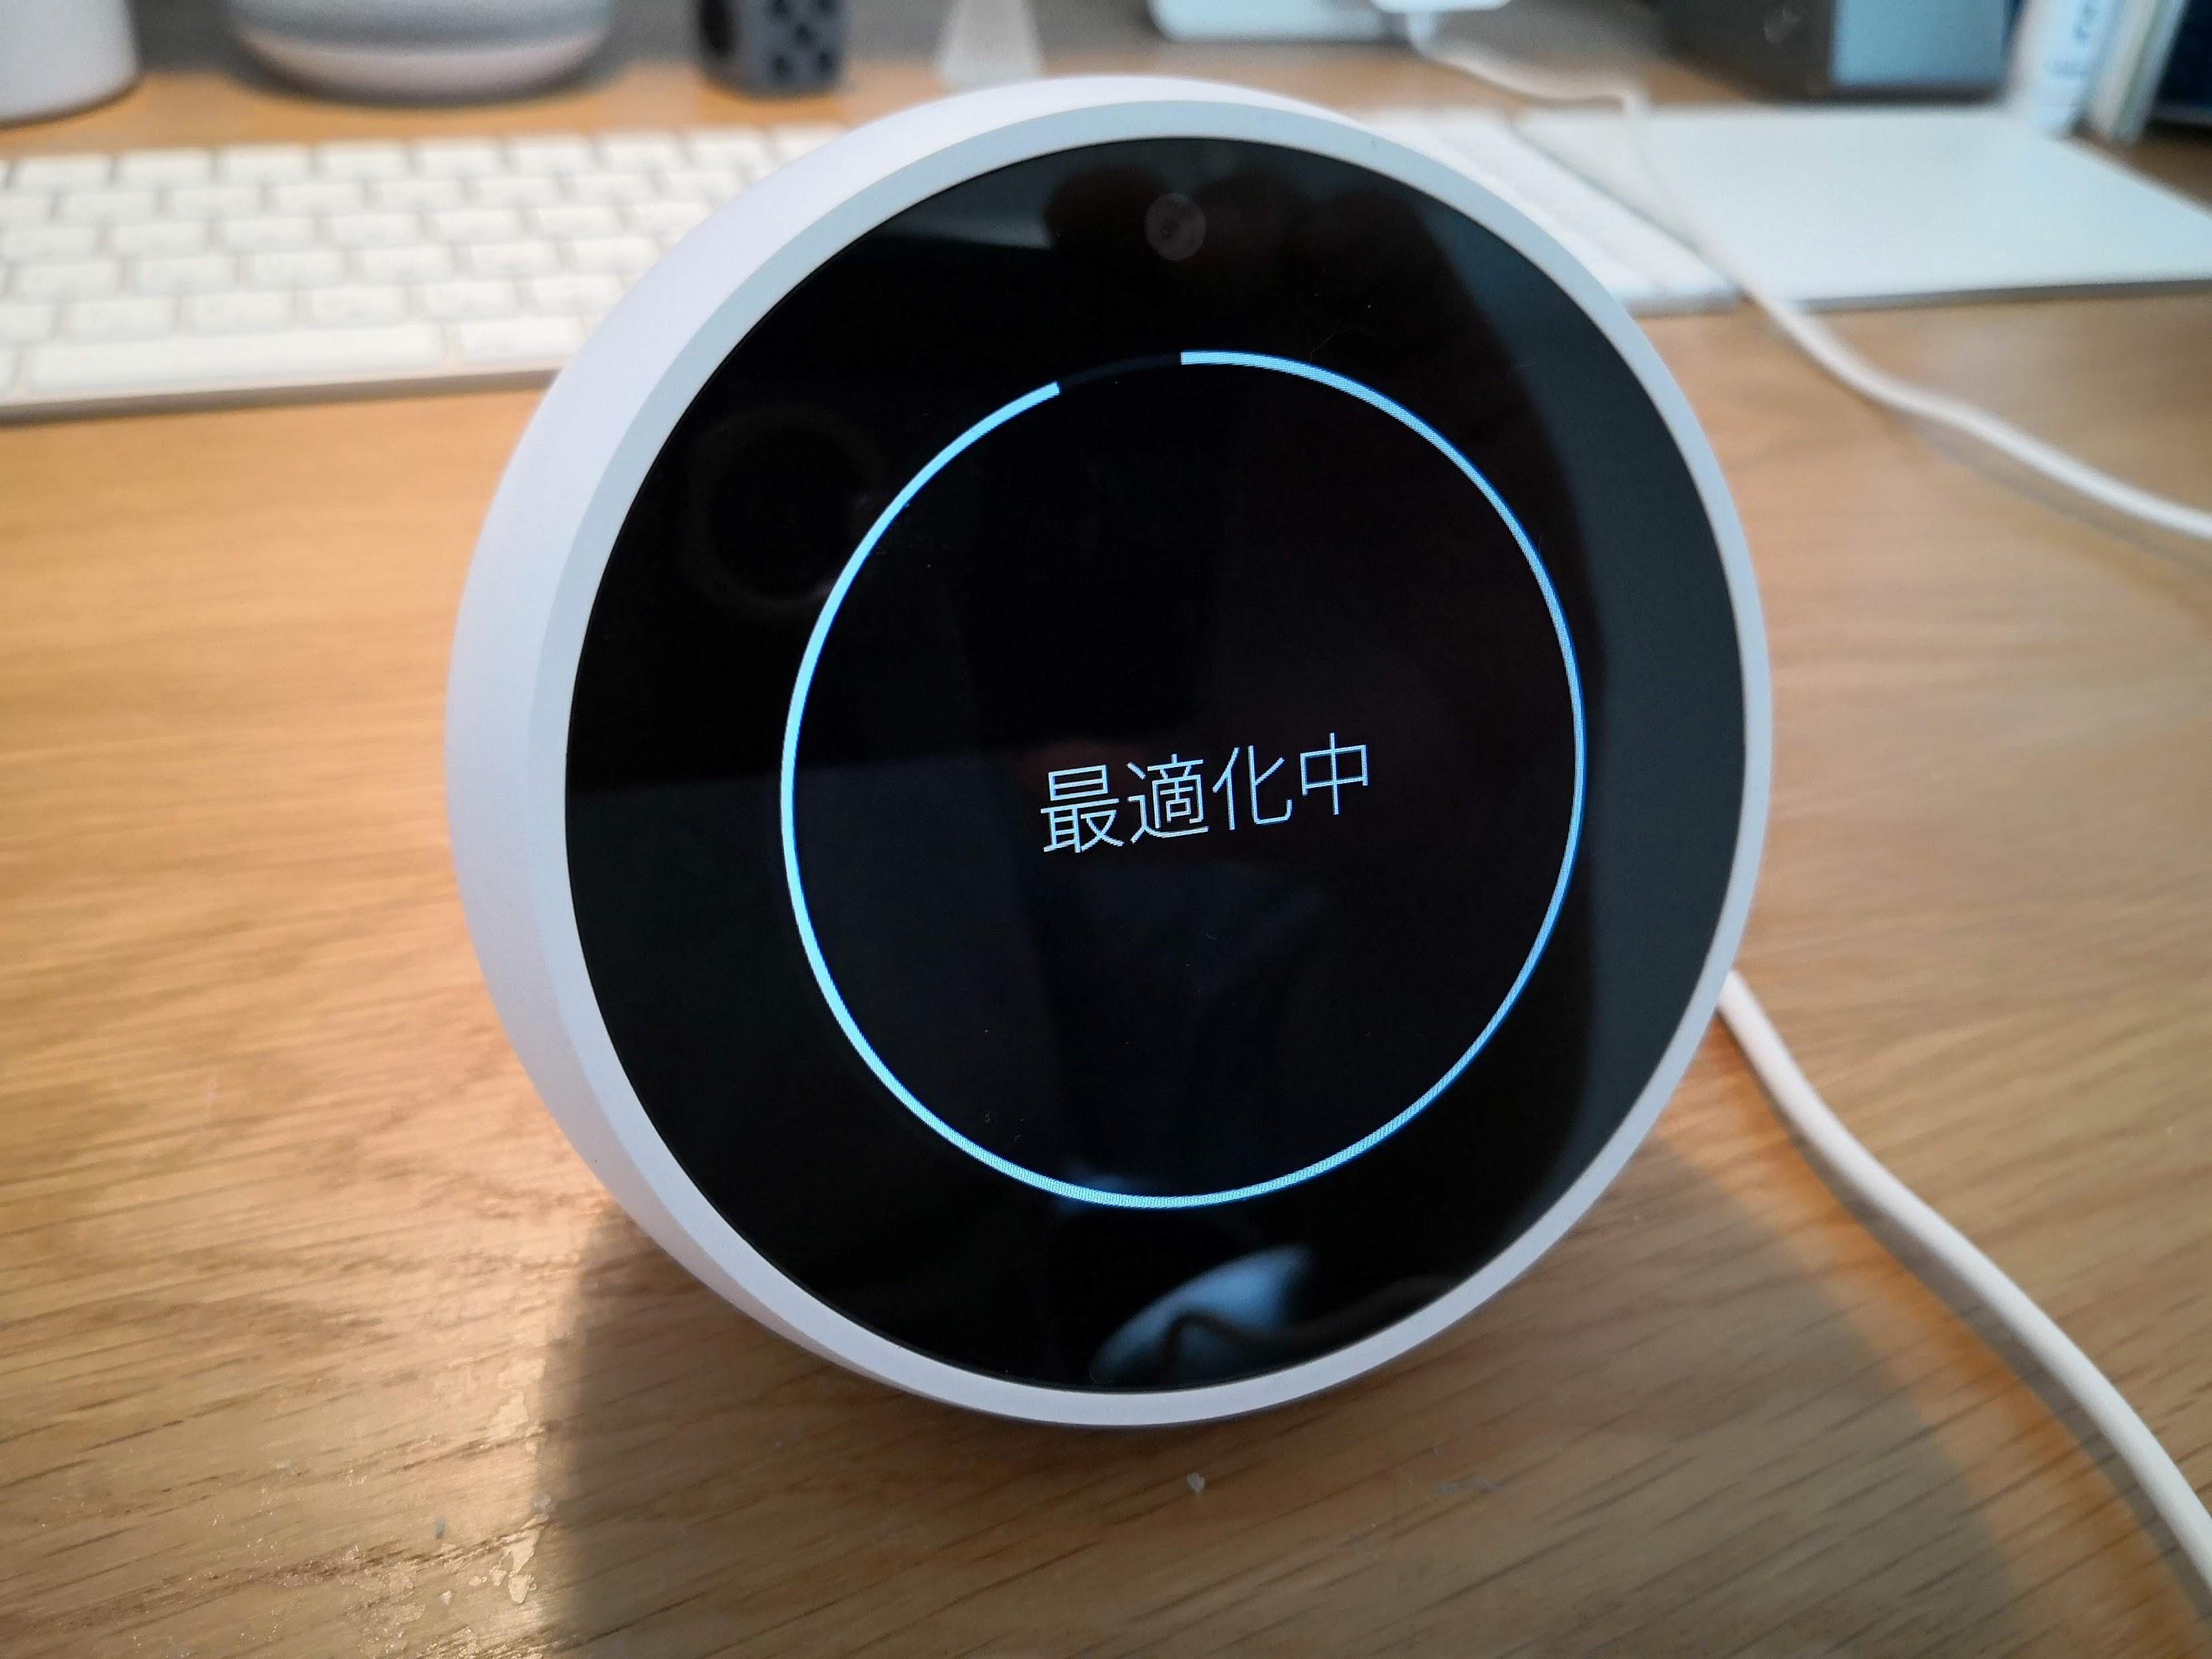 Amazon Echo Spotの画面⑤